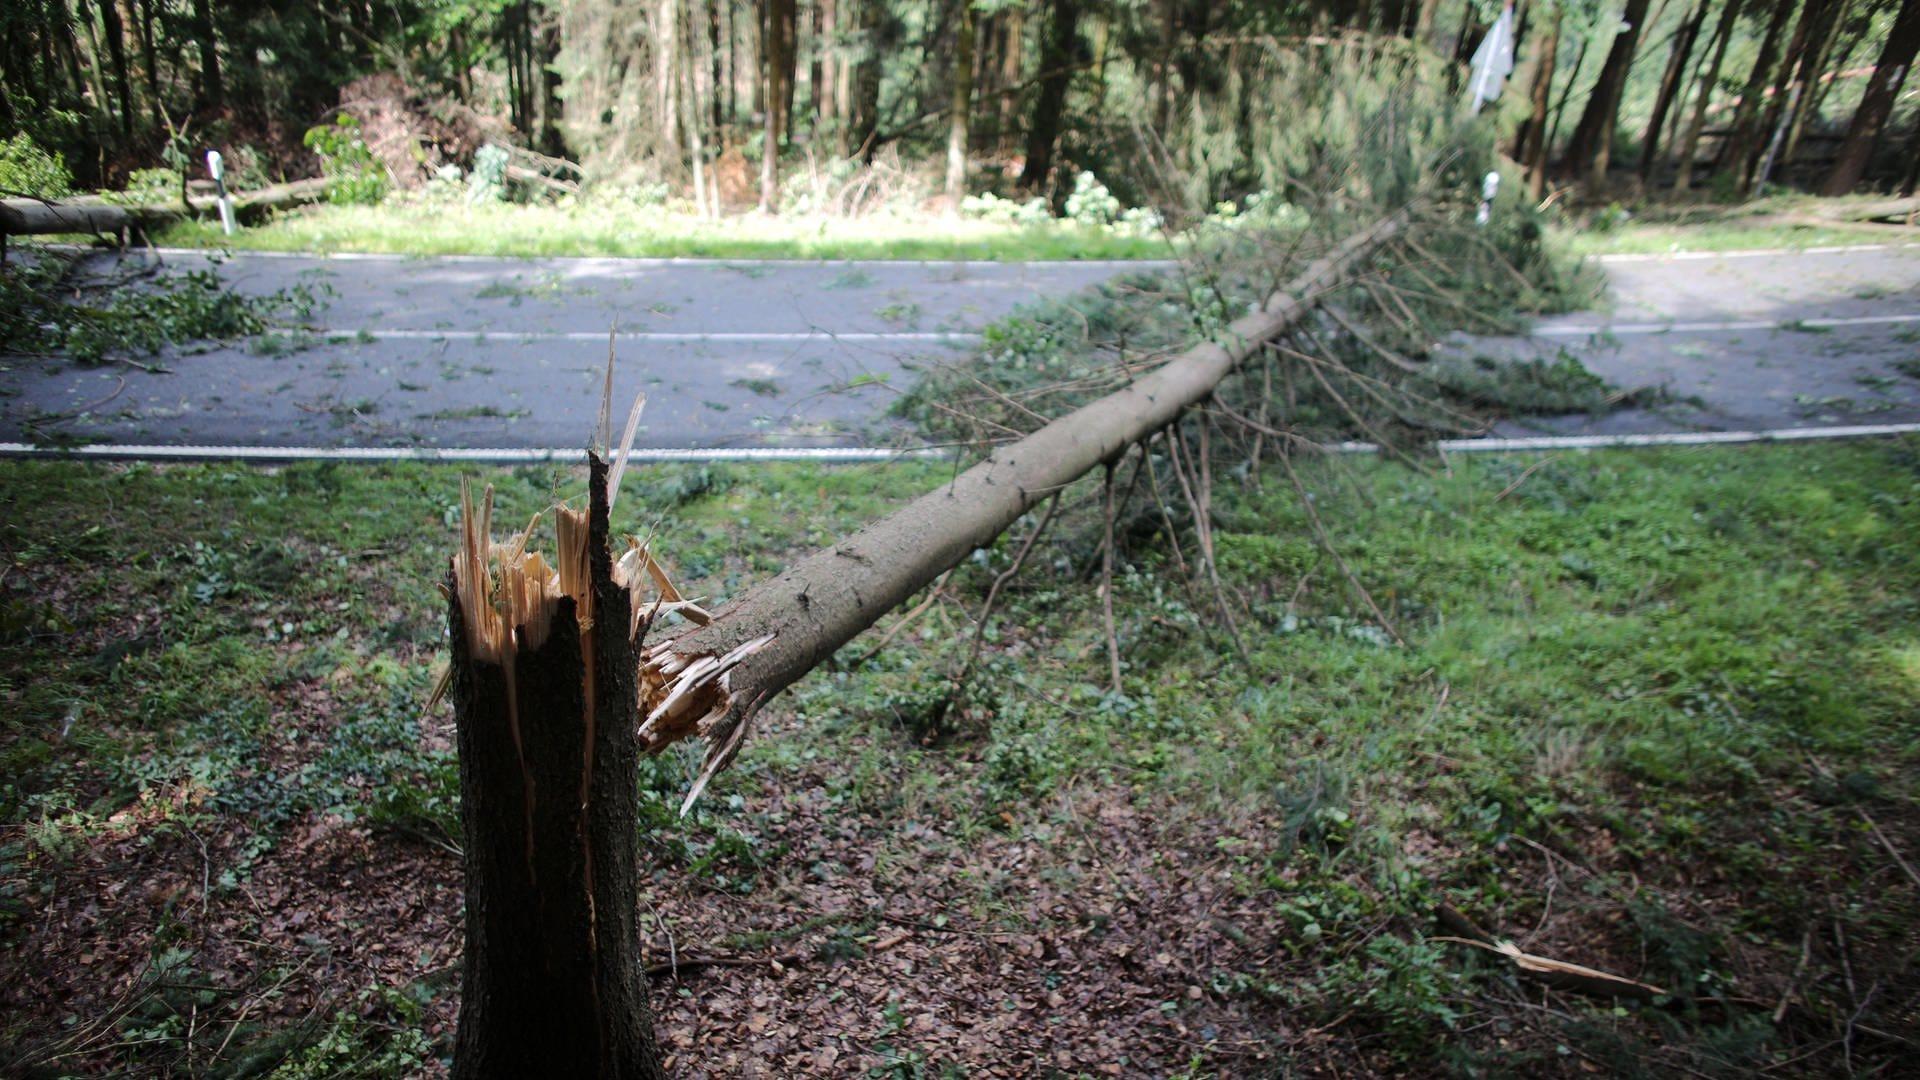 Ein umgestürzter Baum nach einem Sturm liegt auf einer Straße im Wald